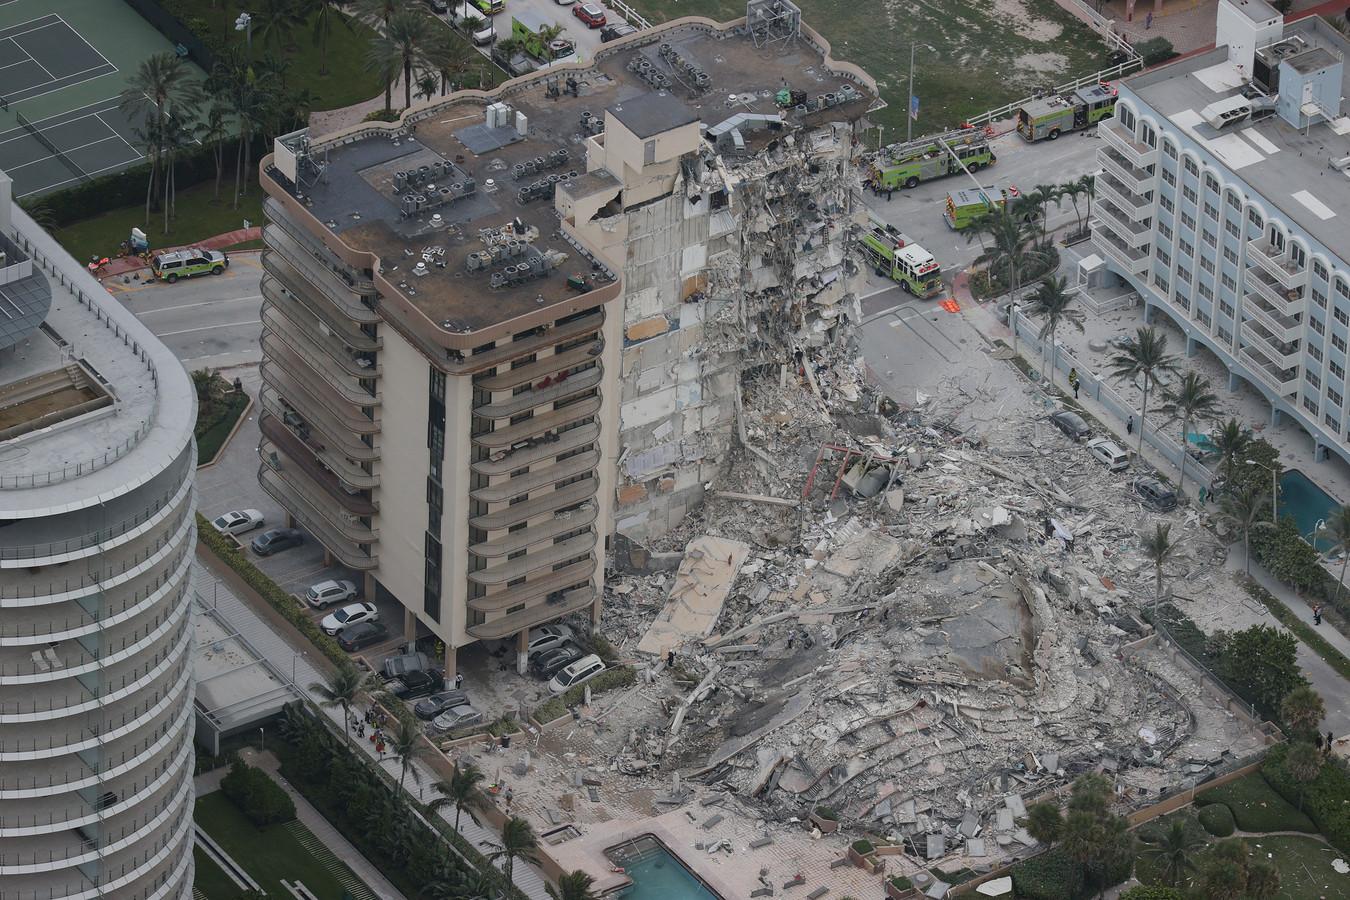 Vanuit de lucht is te zien hoe een complete vleugel van het complex is weggevaagd.